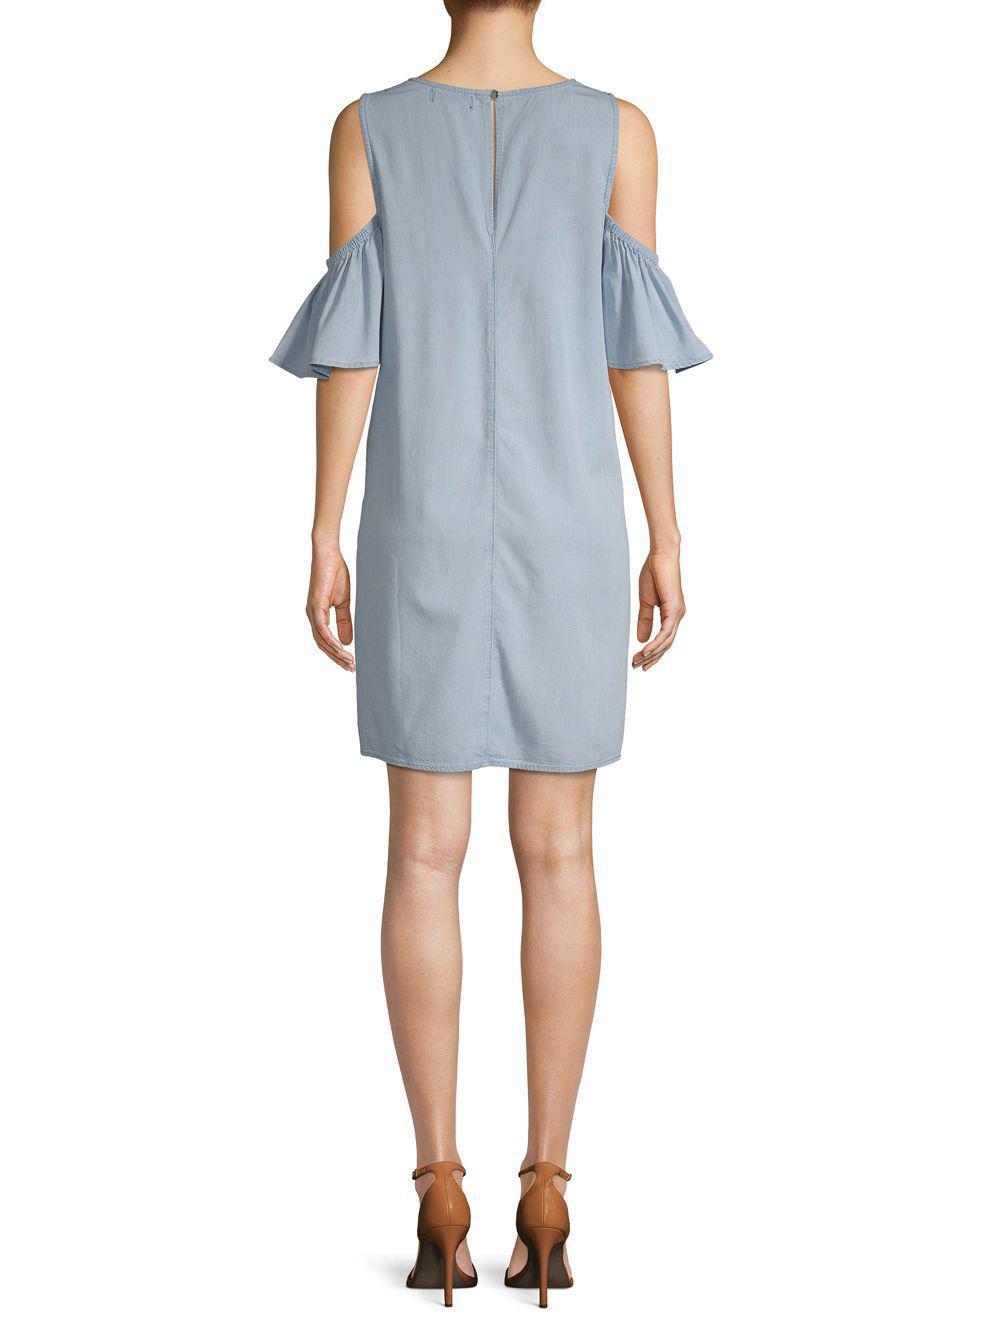 114270d81a2a91 ABS By Allen Schwartz - Blue Elbow-sleeve Cold-shoulder Dress - Lyst. View  fullscreen